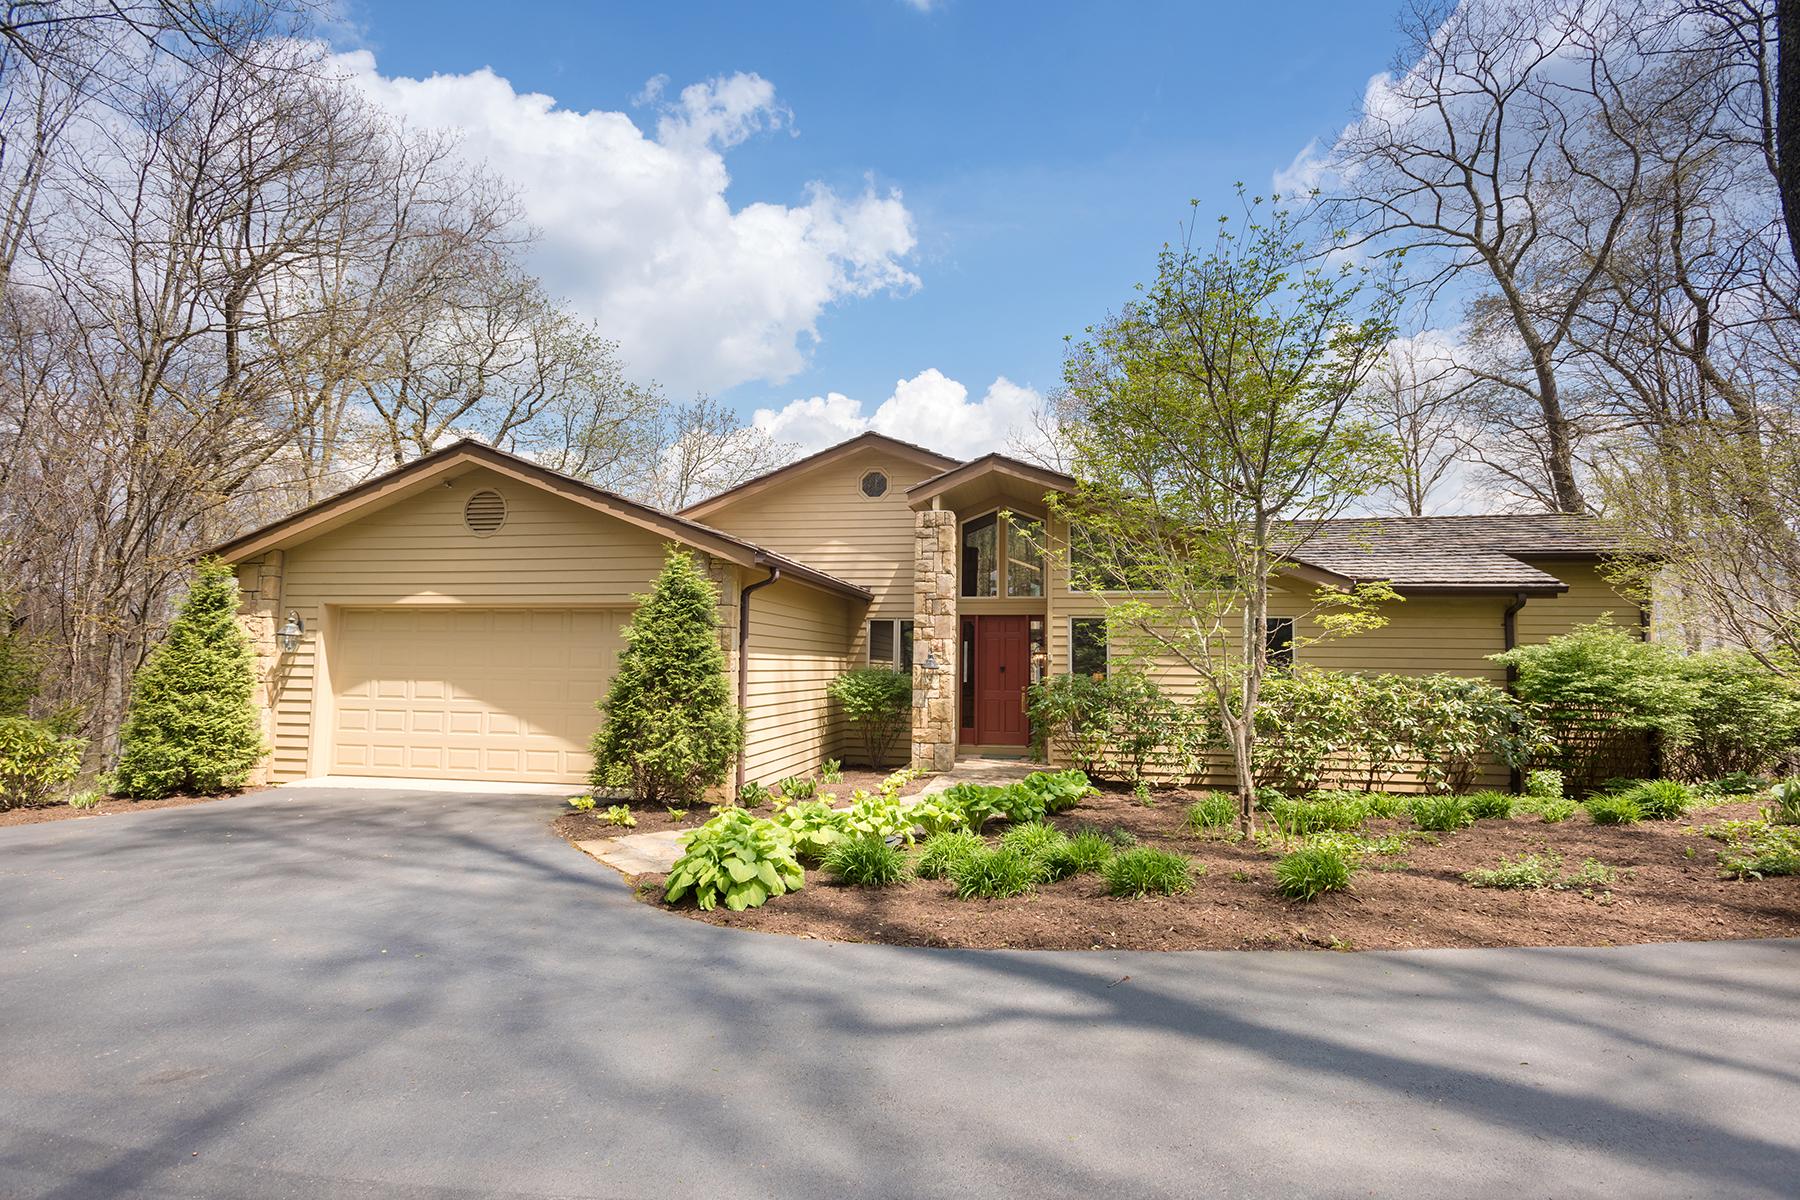 단독 가정 주택 용 매매 에 LINVILLE RIDGE 1117 Cottage Trail 11 Linville, 노스캐놀라이나 28646 미국